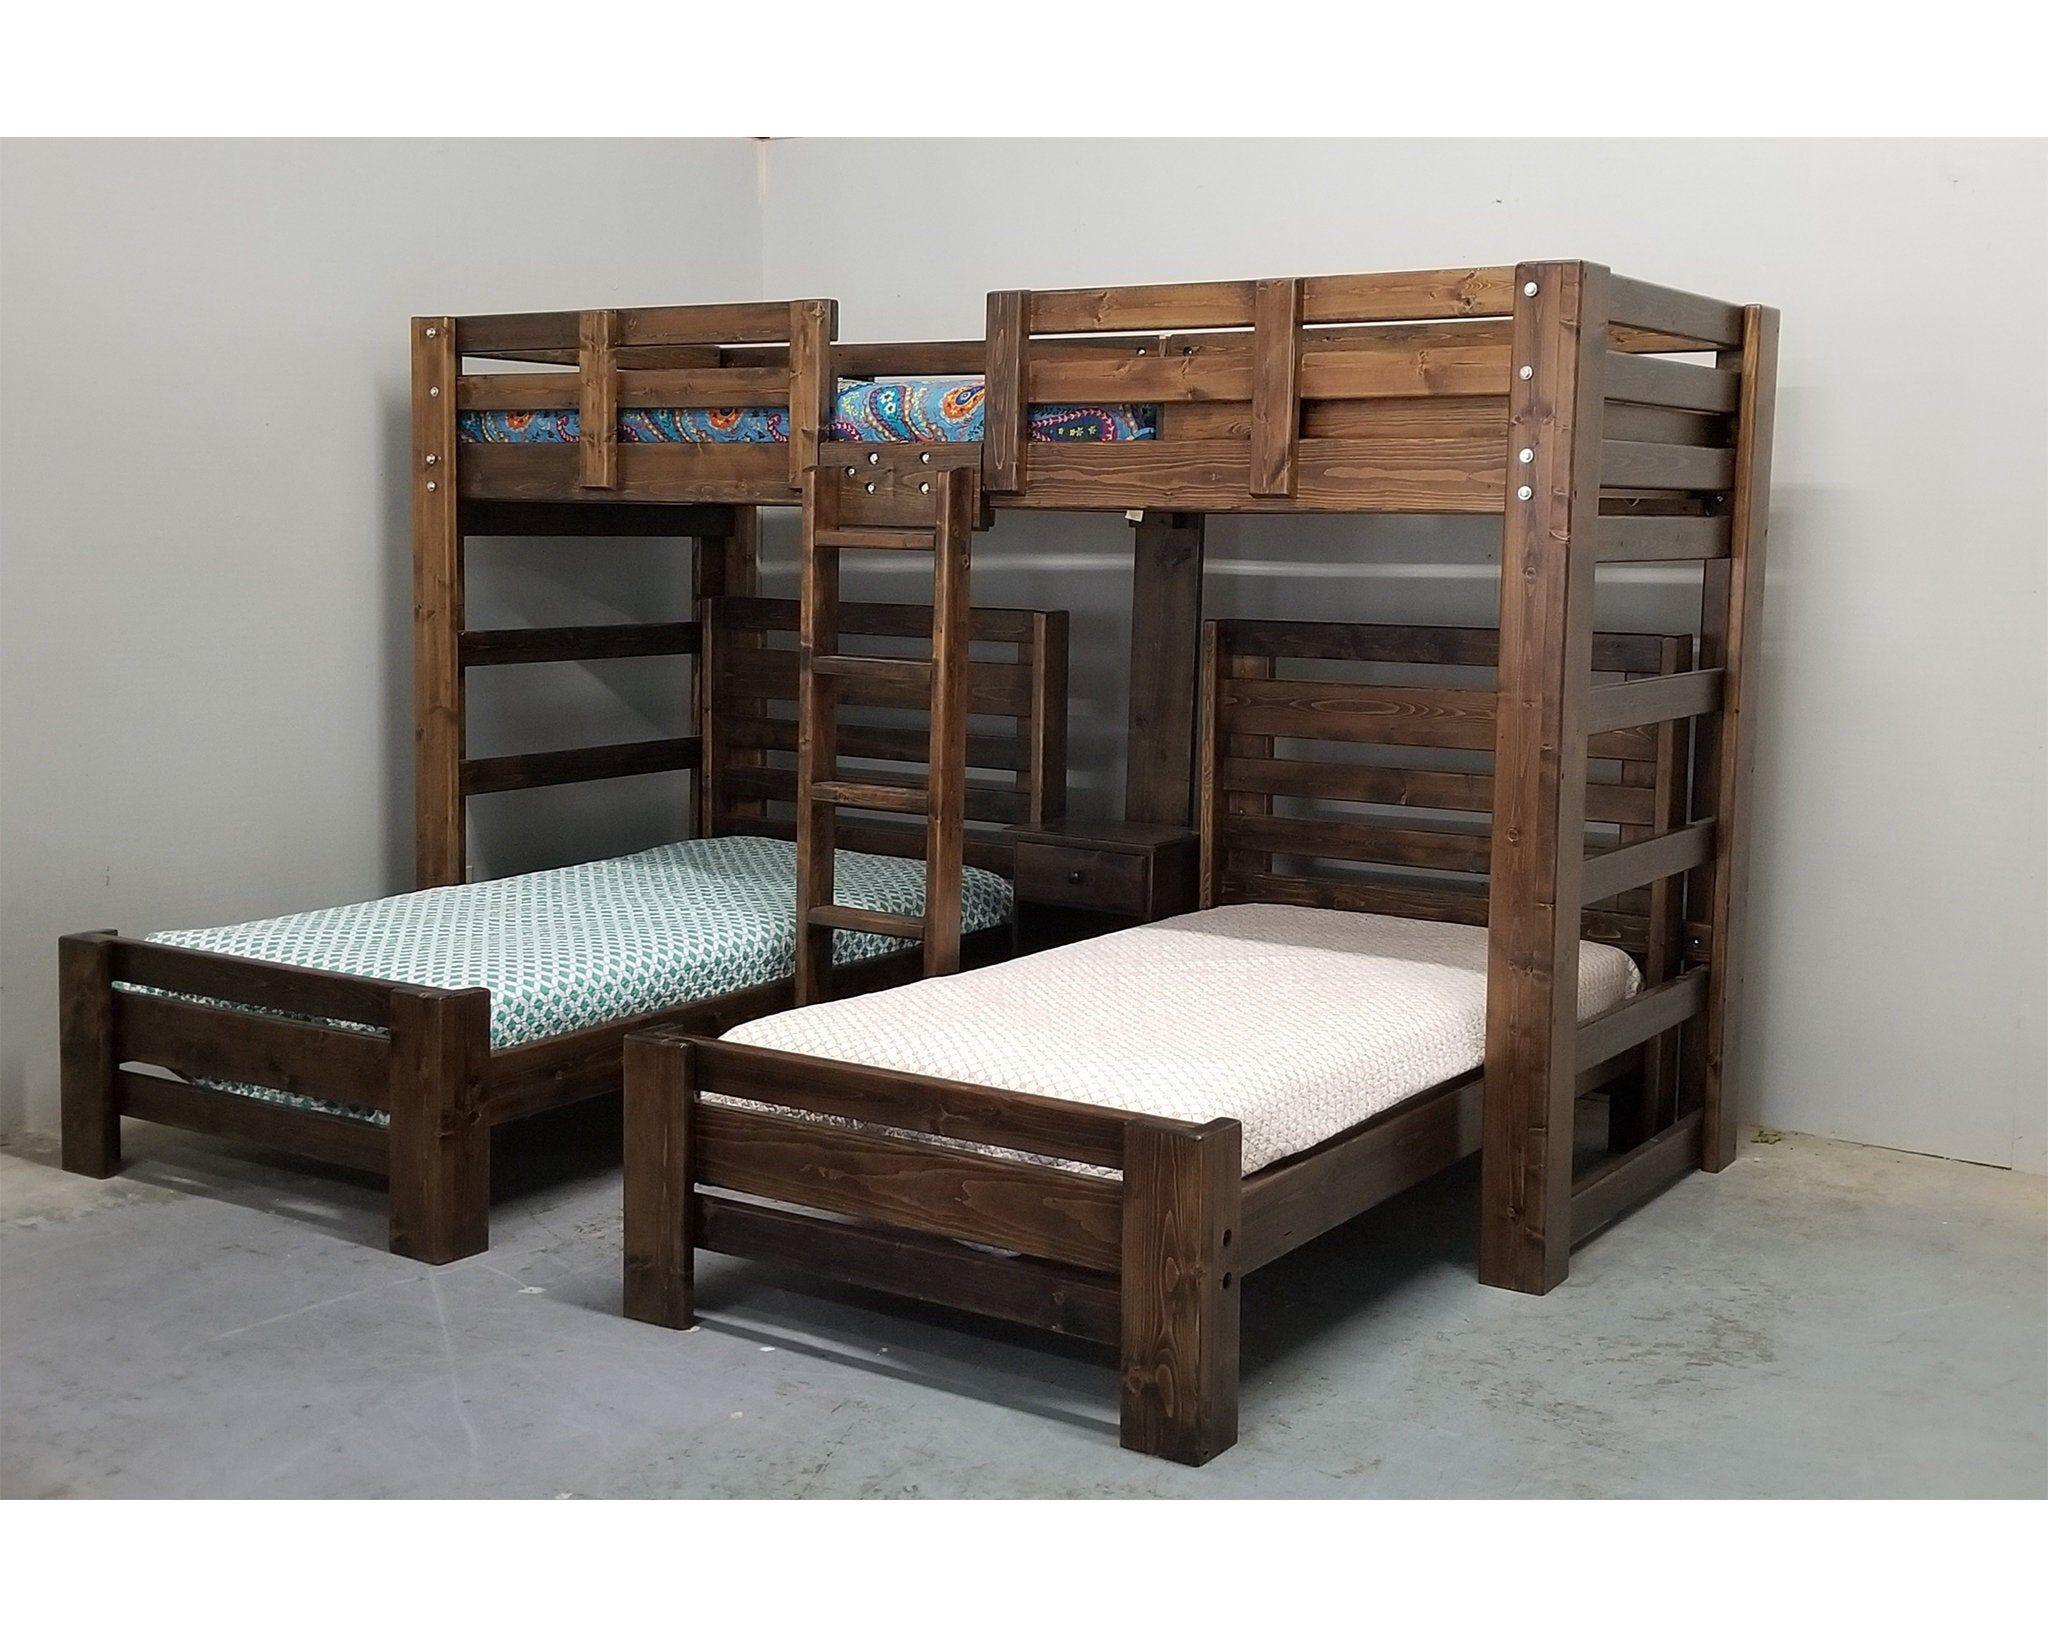 Triple Wall Bunk Bed Unique Bedroom Bunk Bed Set Solid Wood Etsy Bunk Bed Sets Diy Bunk Bed Triple Bunk Beds